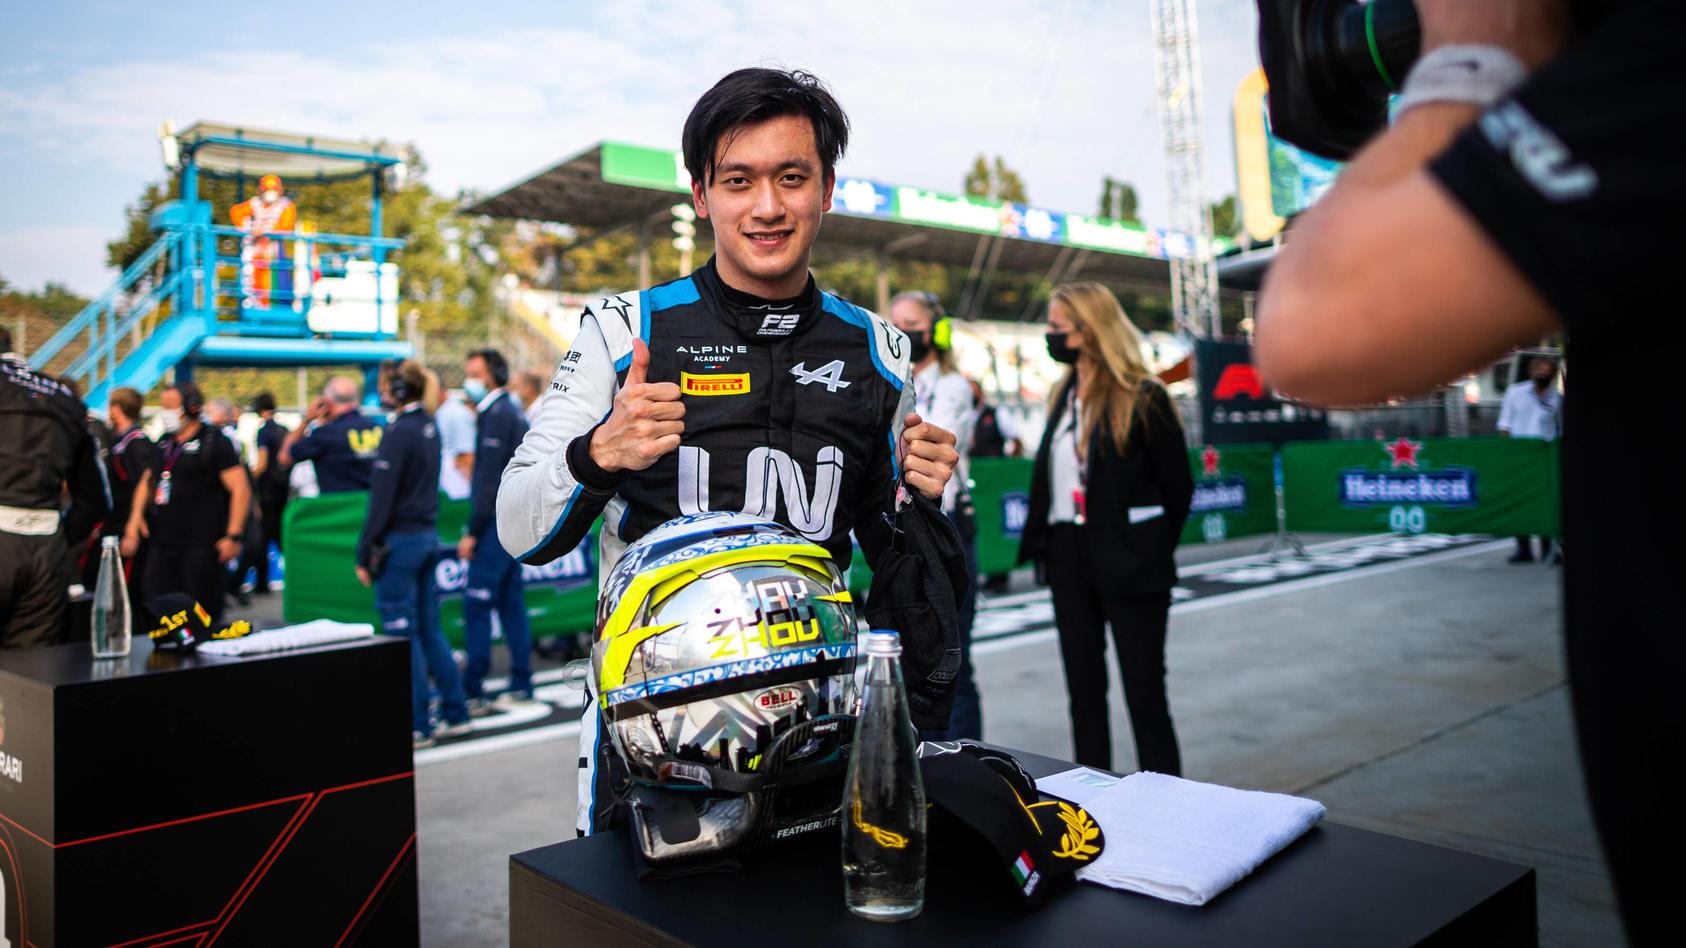 Zhou Guanyu fährt seit 2019 in der Formel 2, könnte 2022 in die Formel 1 aufsteigen